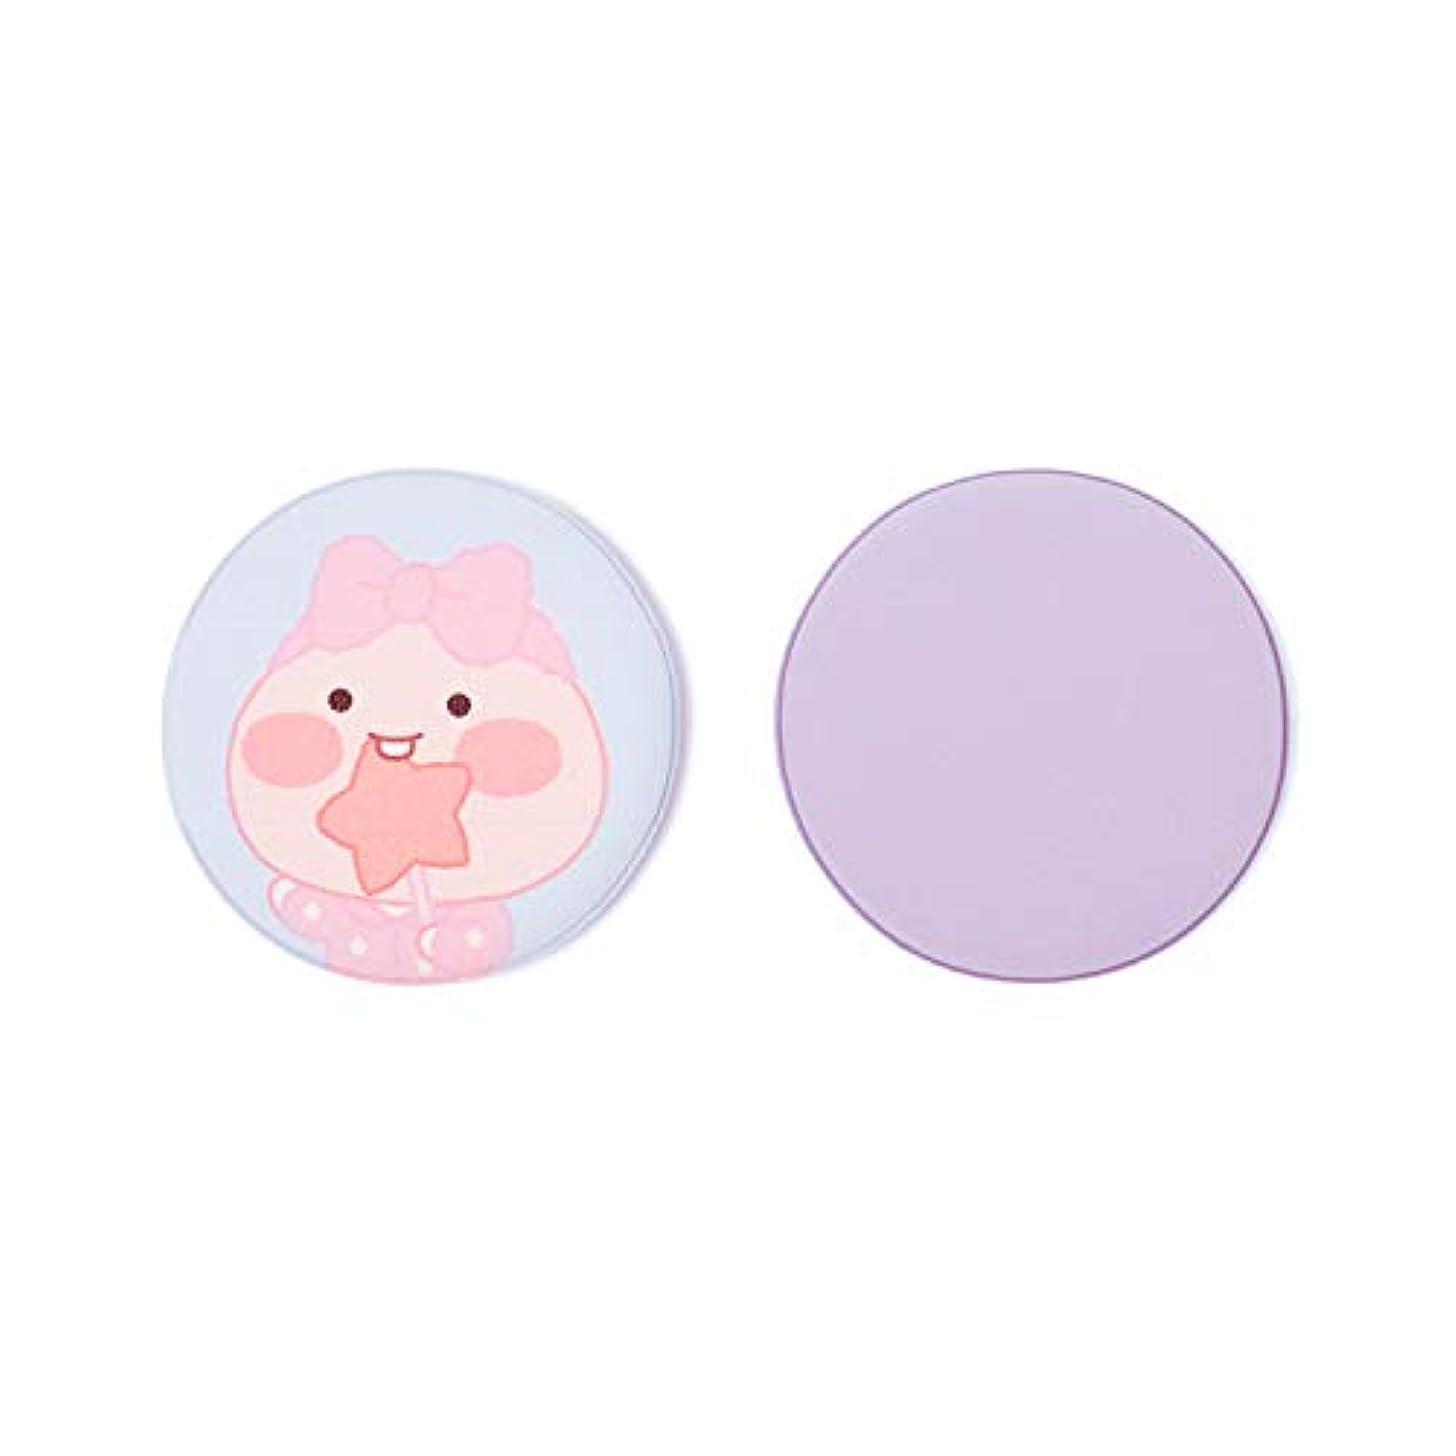 賢明なレタッチ実質的に[オフィシャル] カカオフレンズ - エアクッションンパフ2P KAKAO FRIENDS - Lovely Apeach Air Cushion Puff 2P (Lavender)